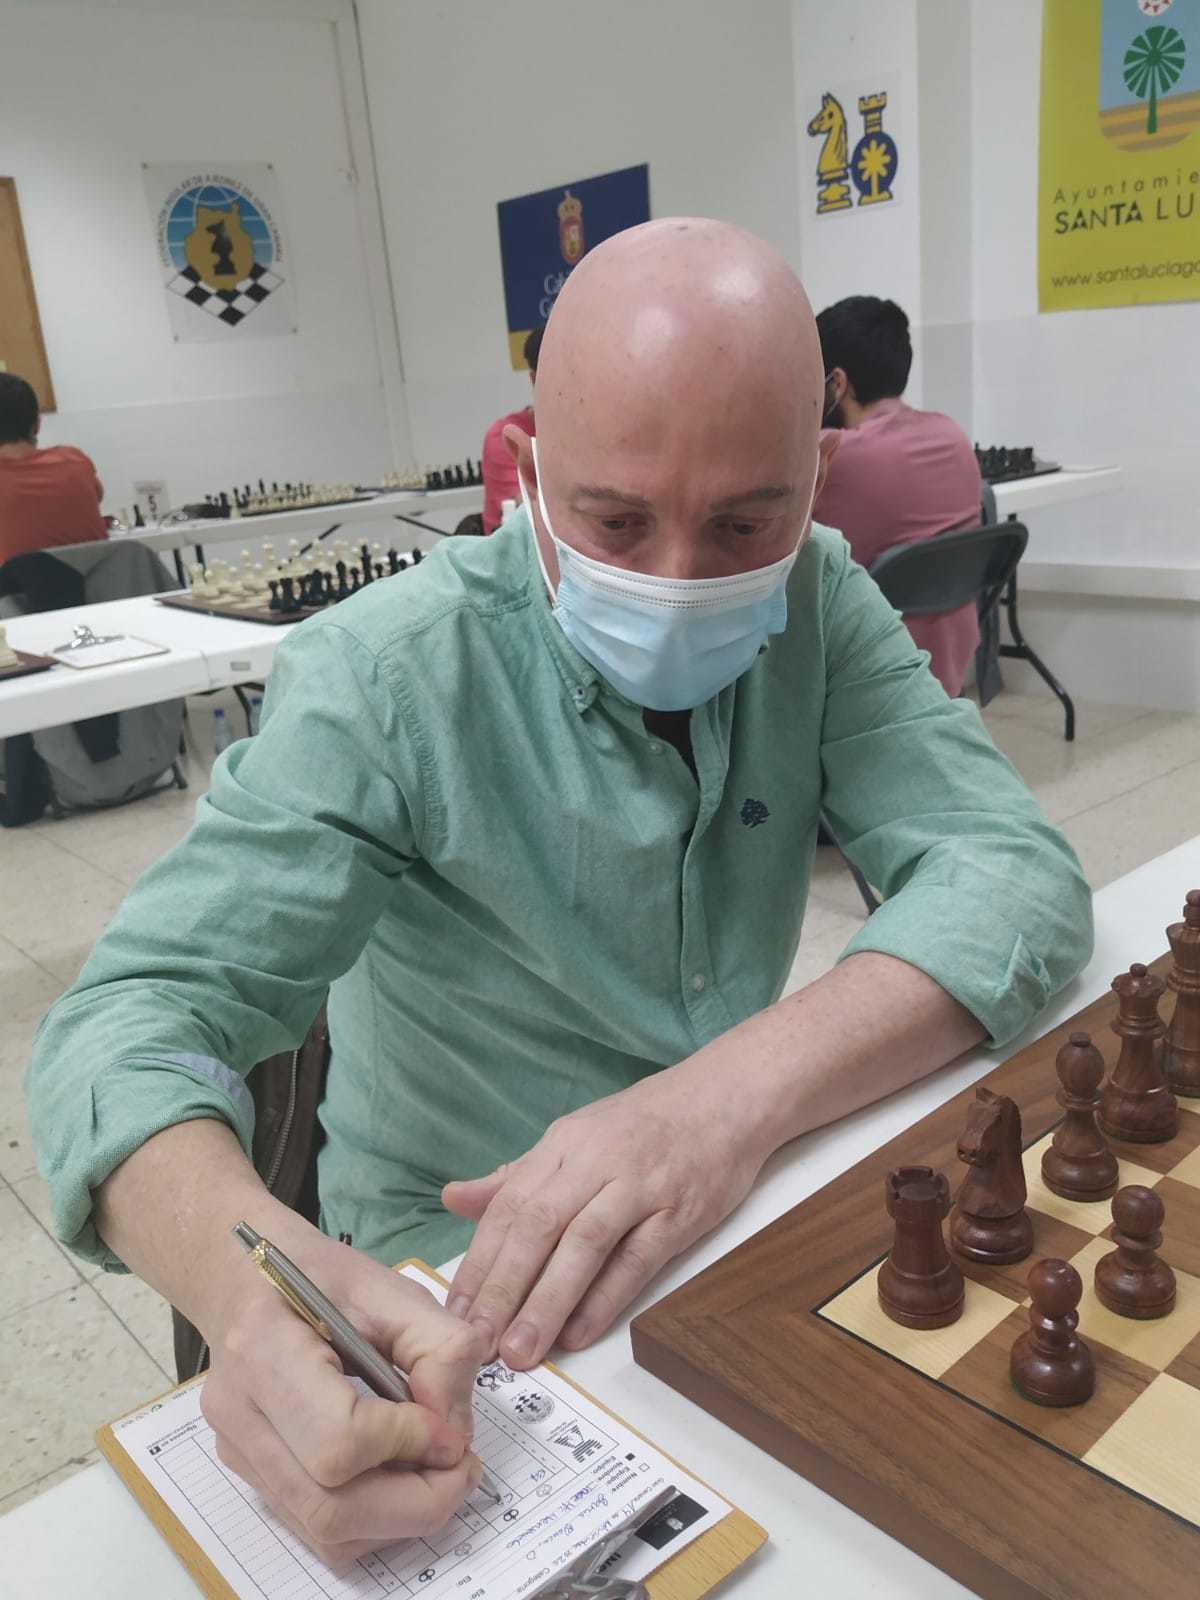 XIII Memorial Pedro Lezcano Montalvo (Torneo cerrado) José María Hernando Rodrigo